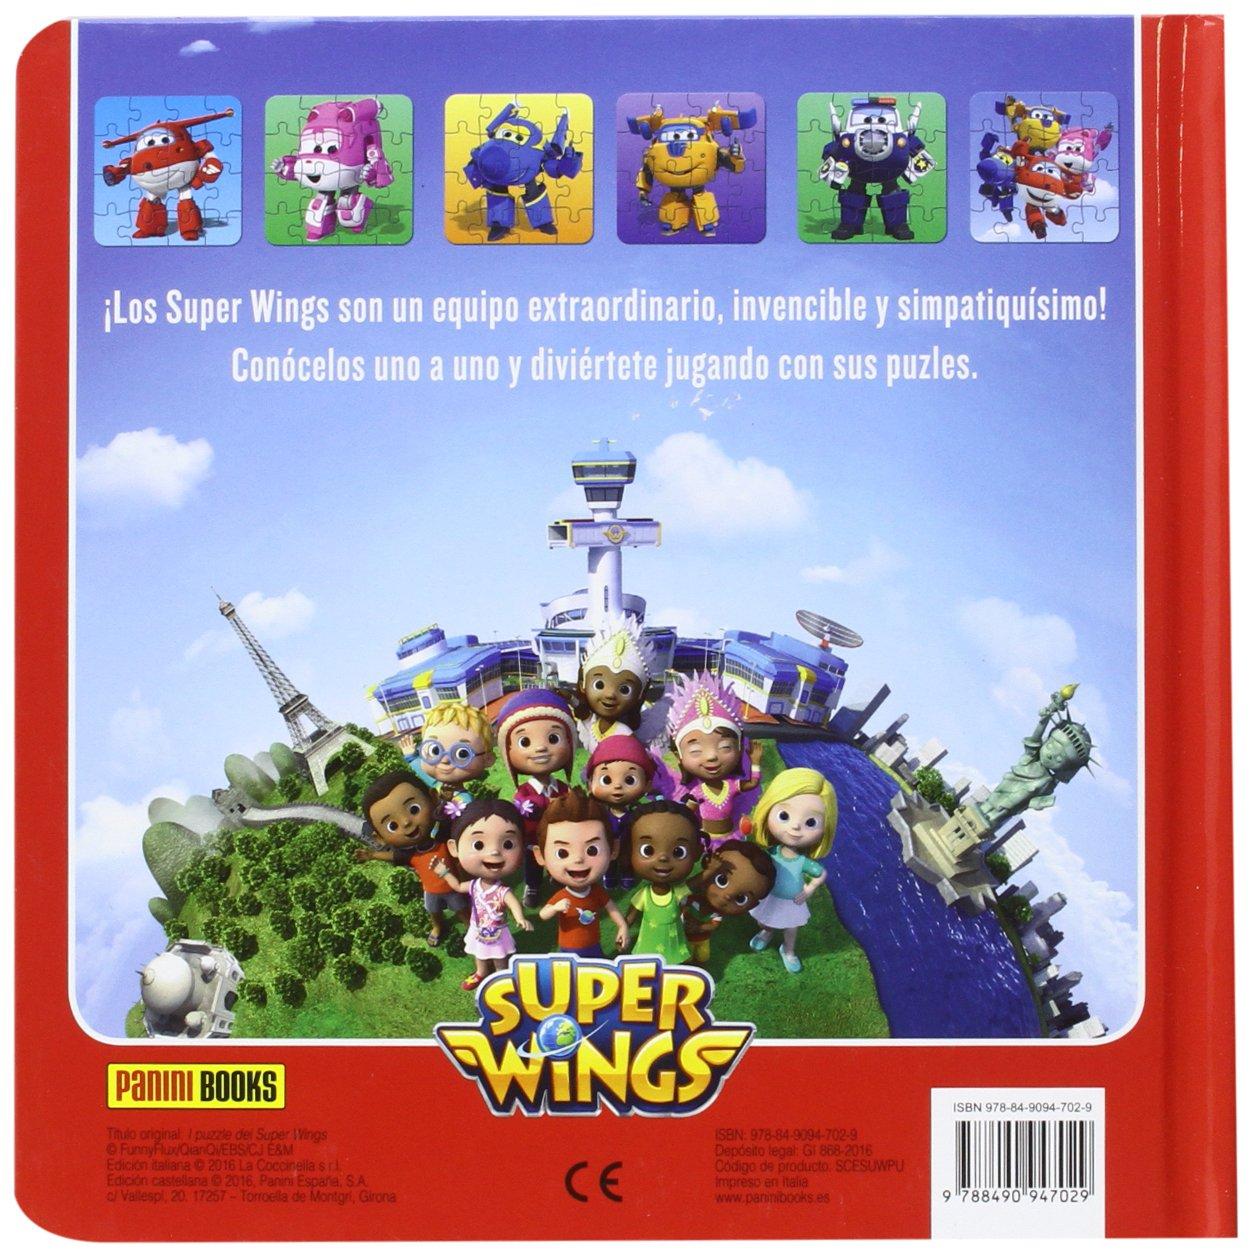 Los Puzles De Super Wings: Amazon.es: Vv.Aa., Vv.Aa.: Libros